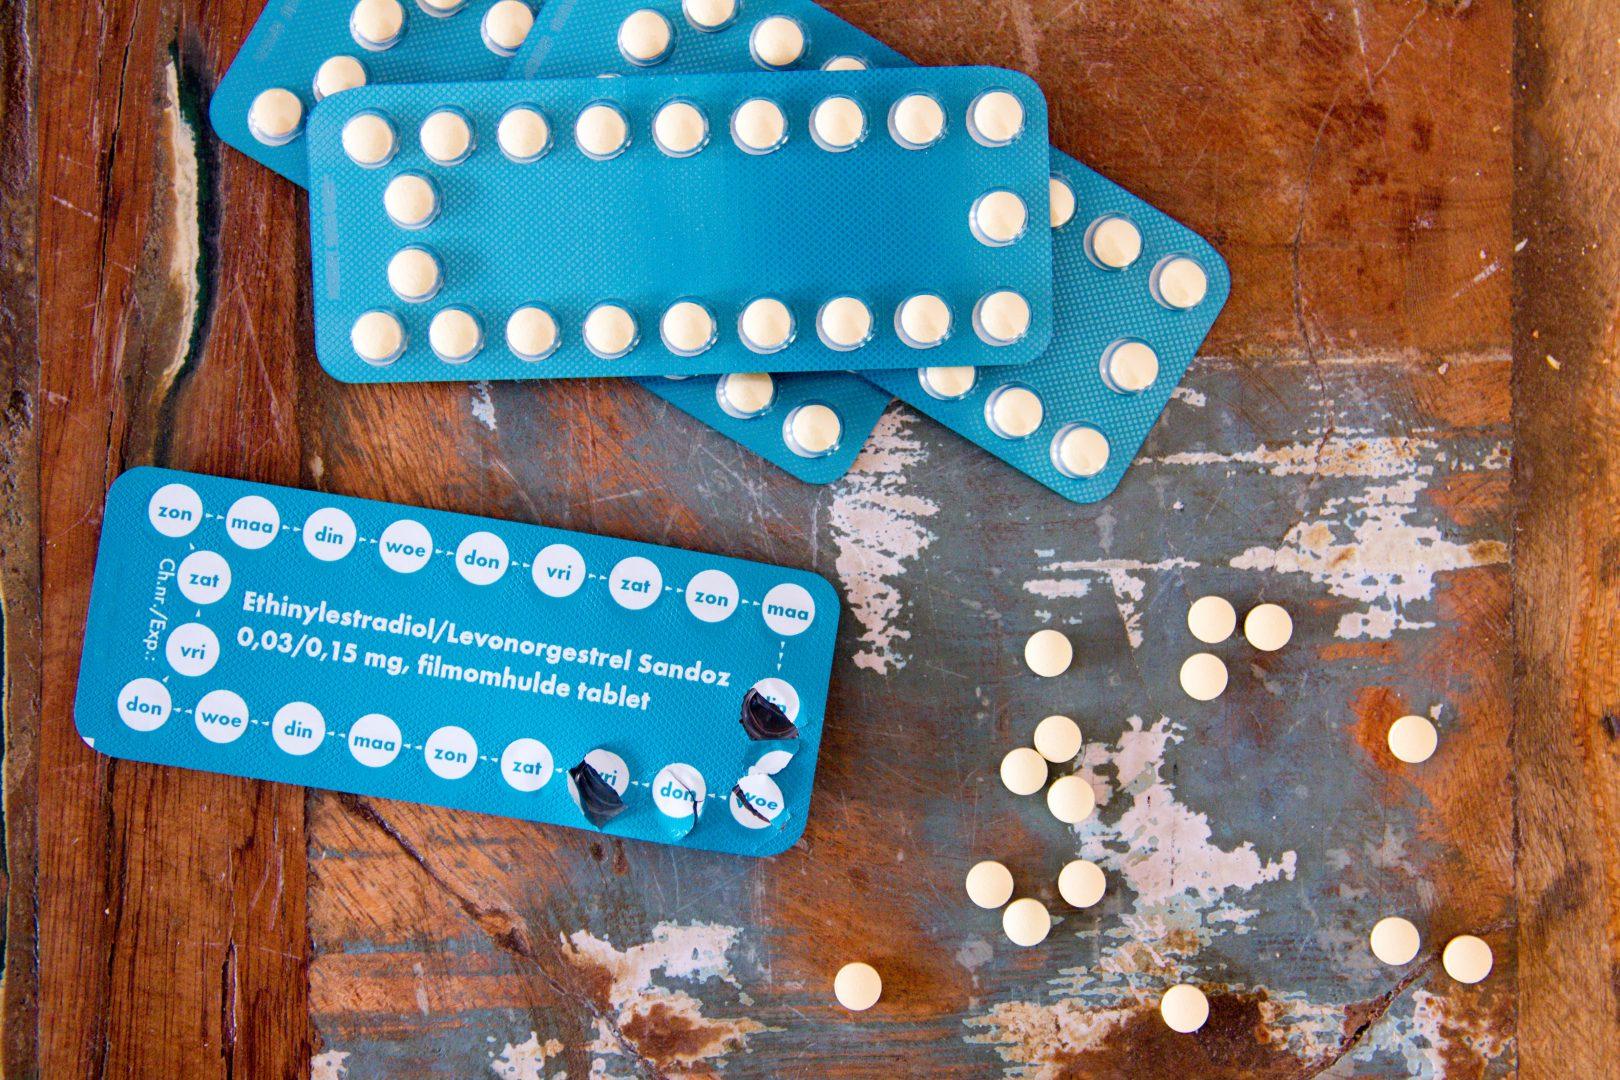 Online prescription businesses